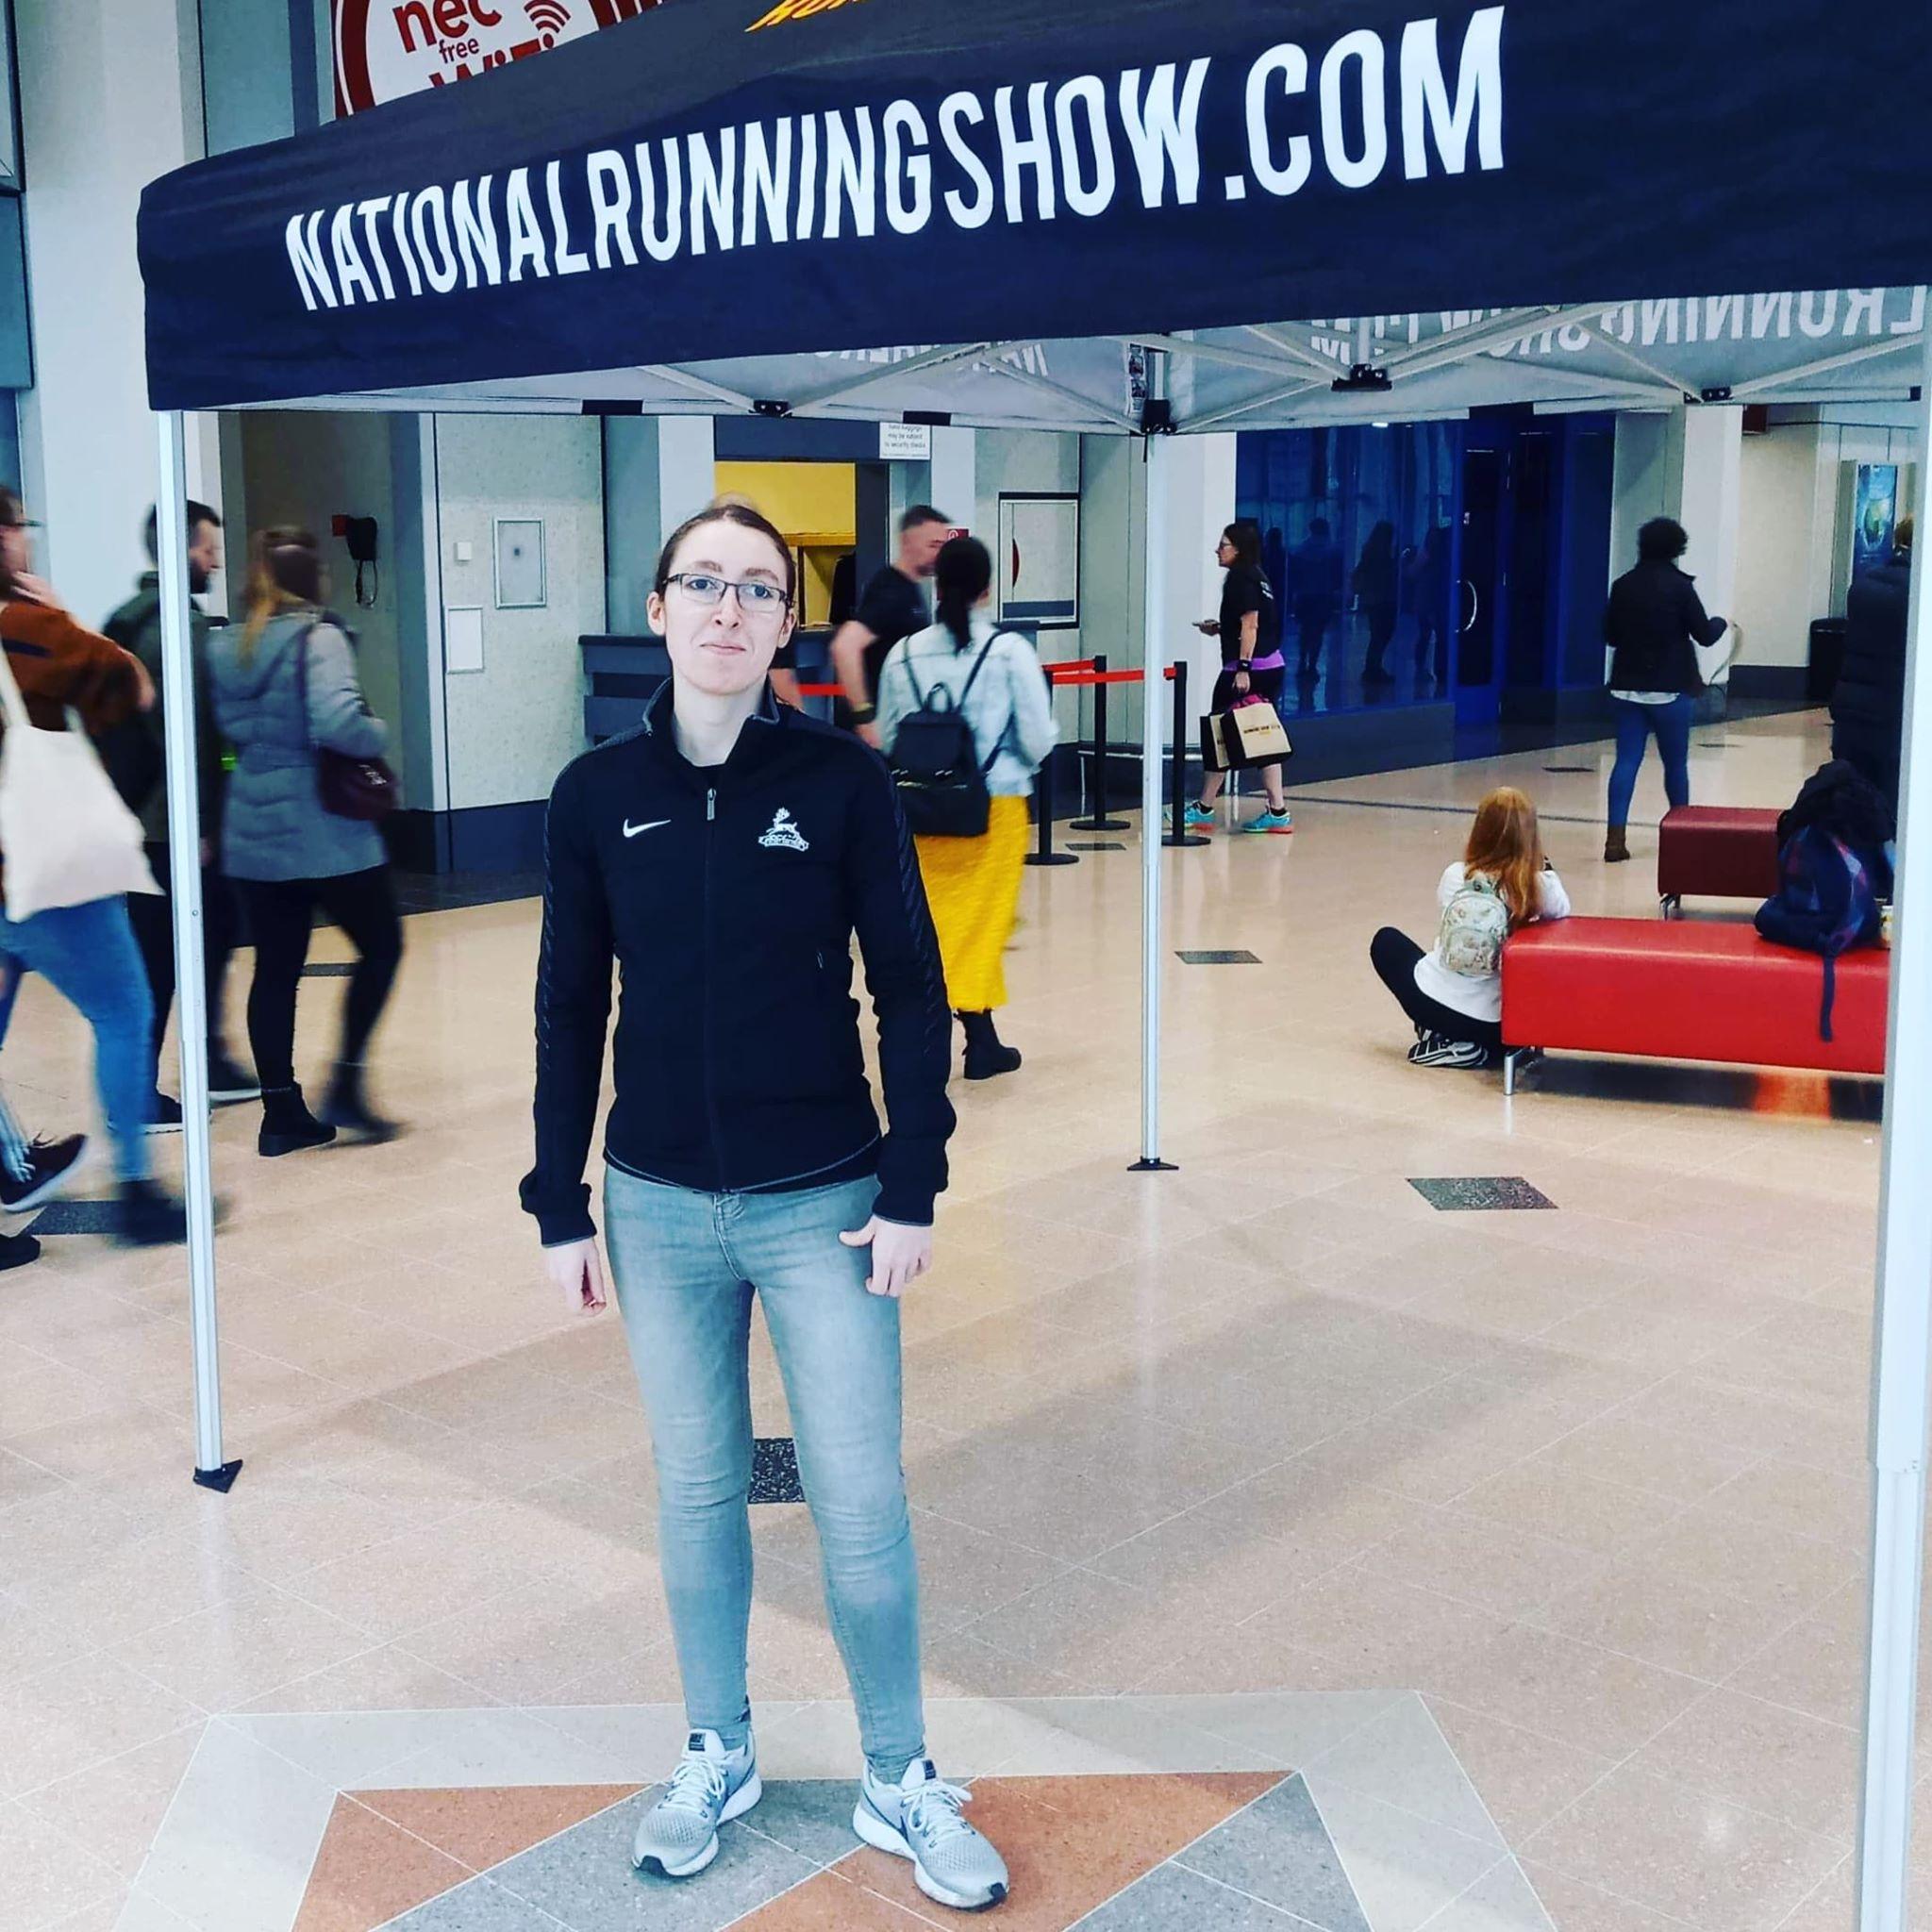 National Running Show Selfie